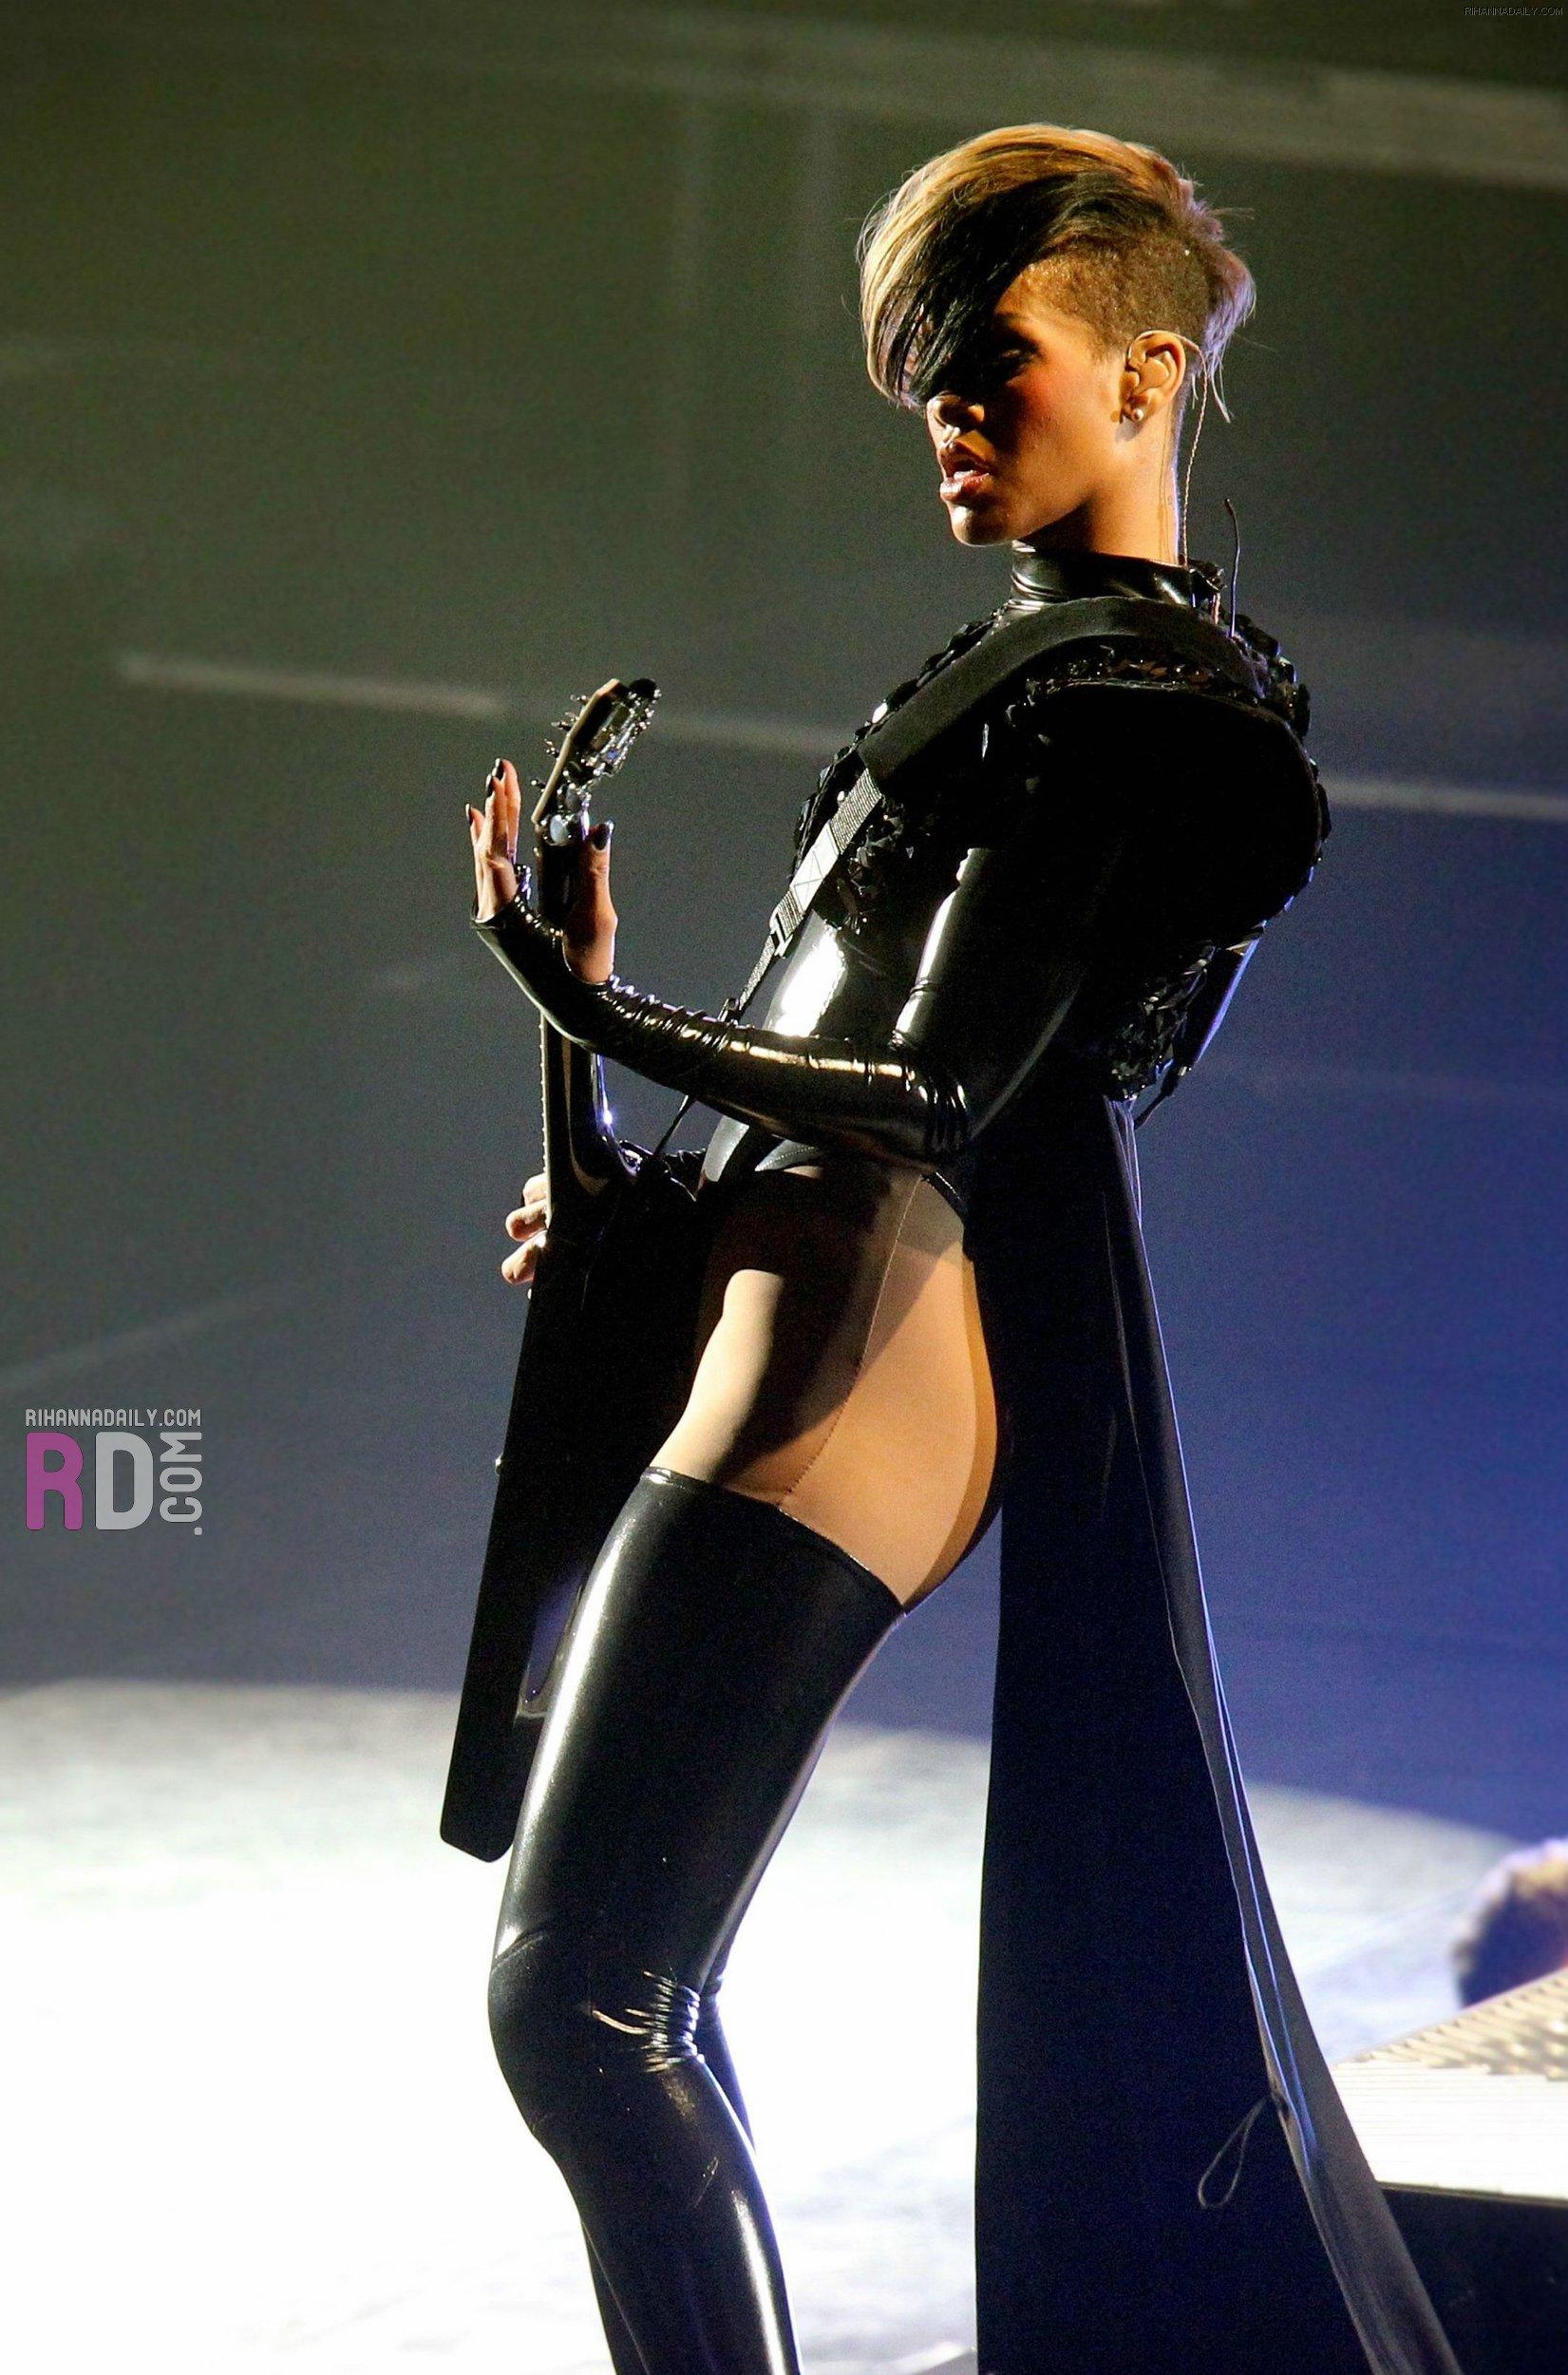 rihanna-concert-pics-i... Miley Cyrus